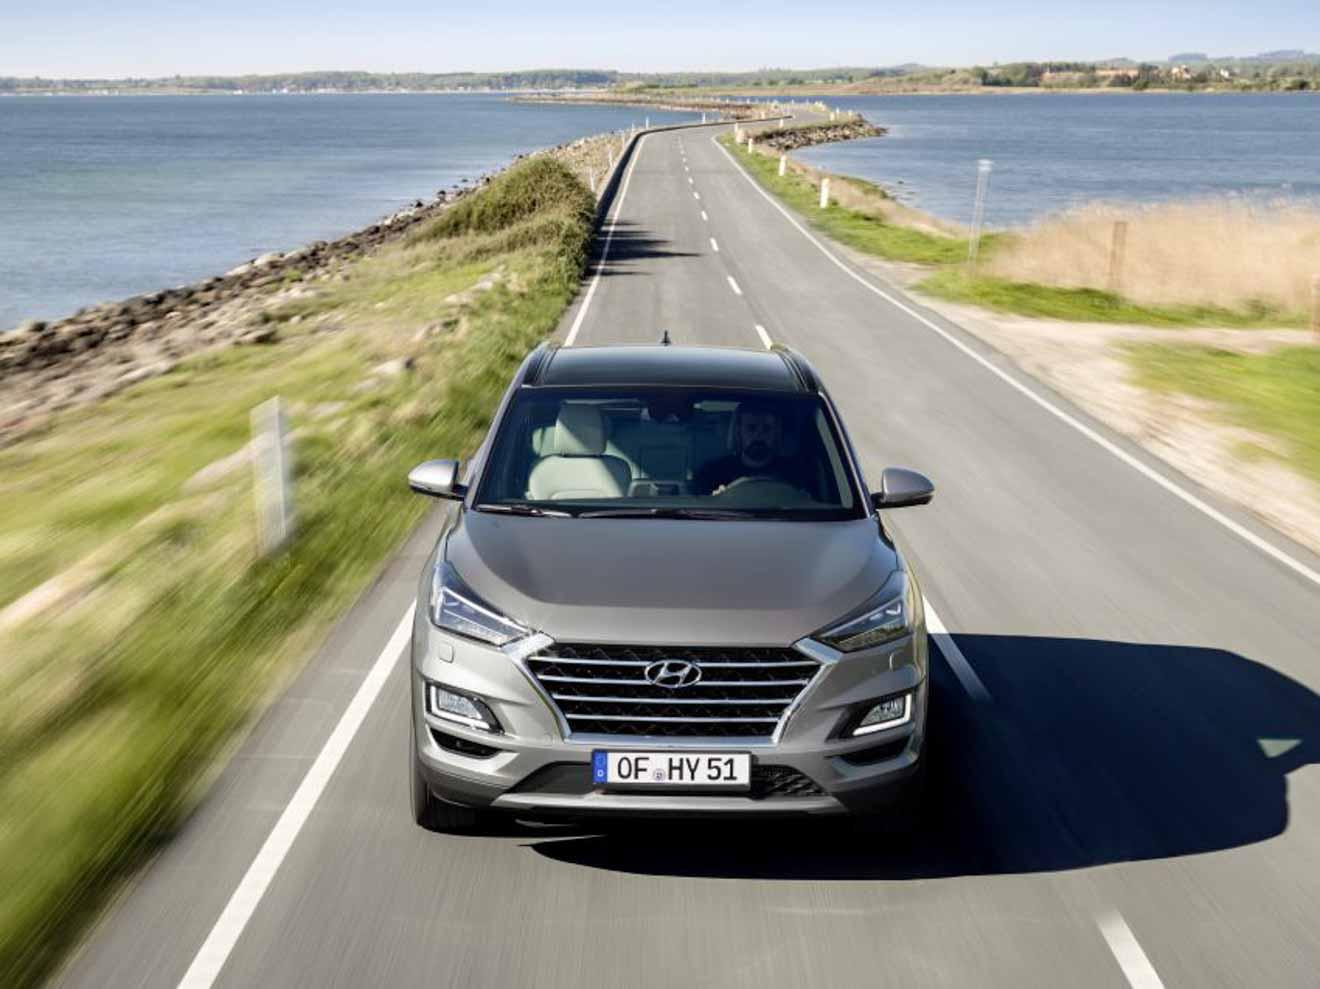 Giá xe Hyundai Tucson 2019 cập nhật mới nhất tại đại lý - 3